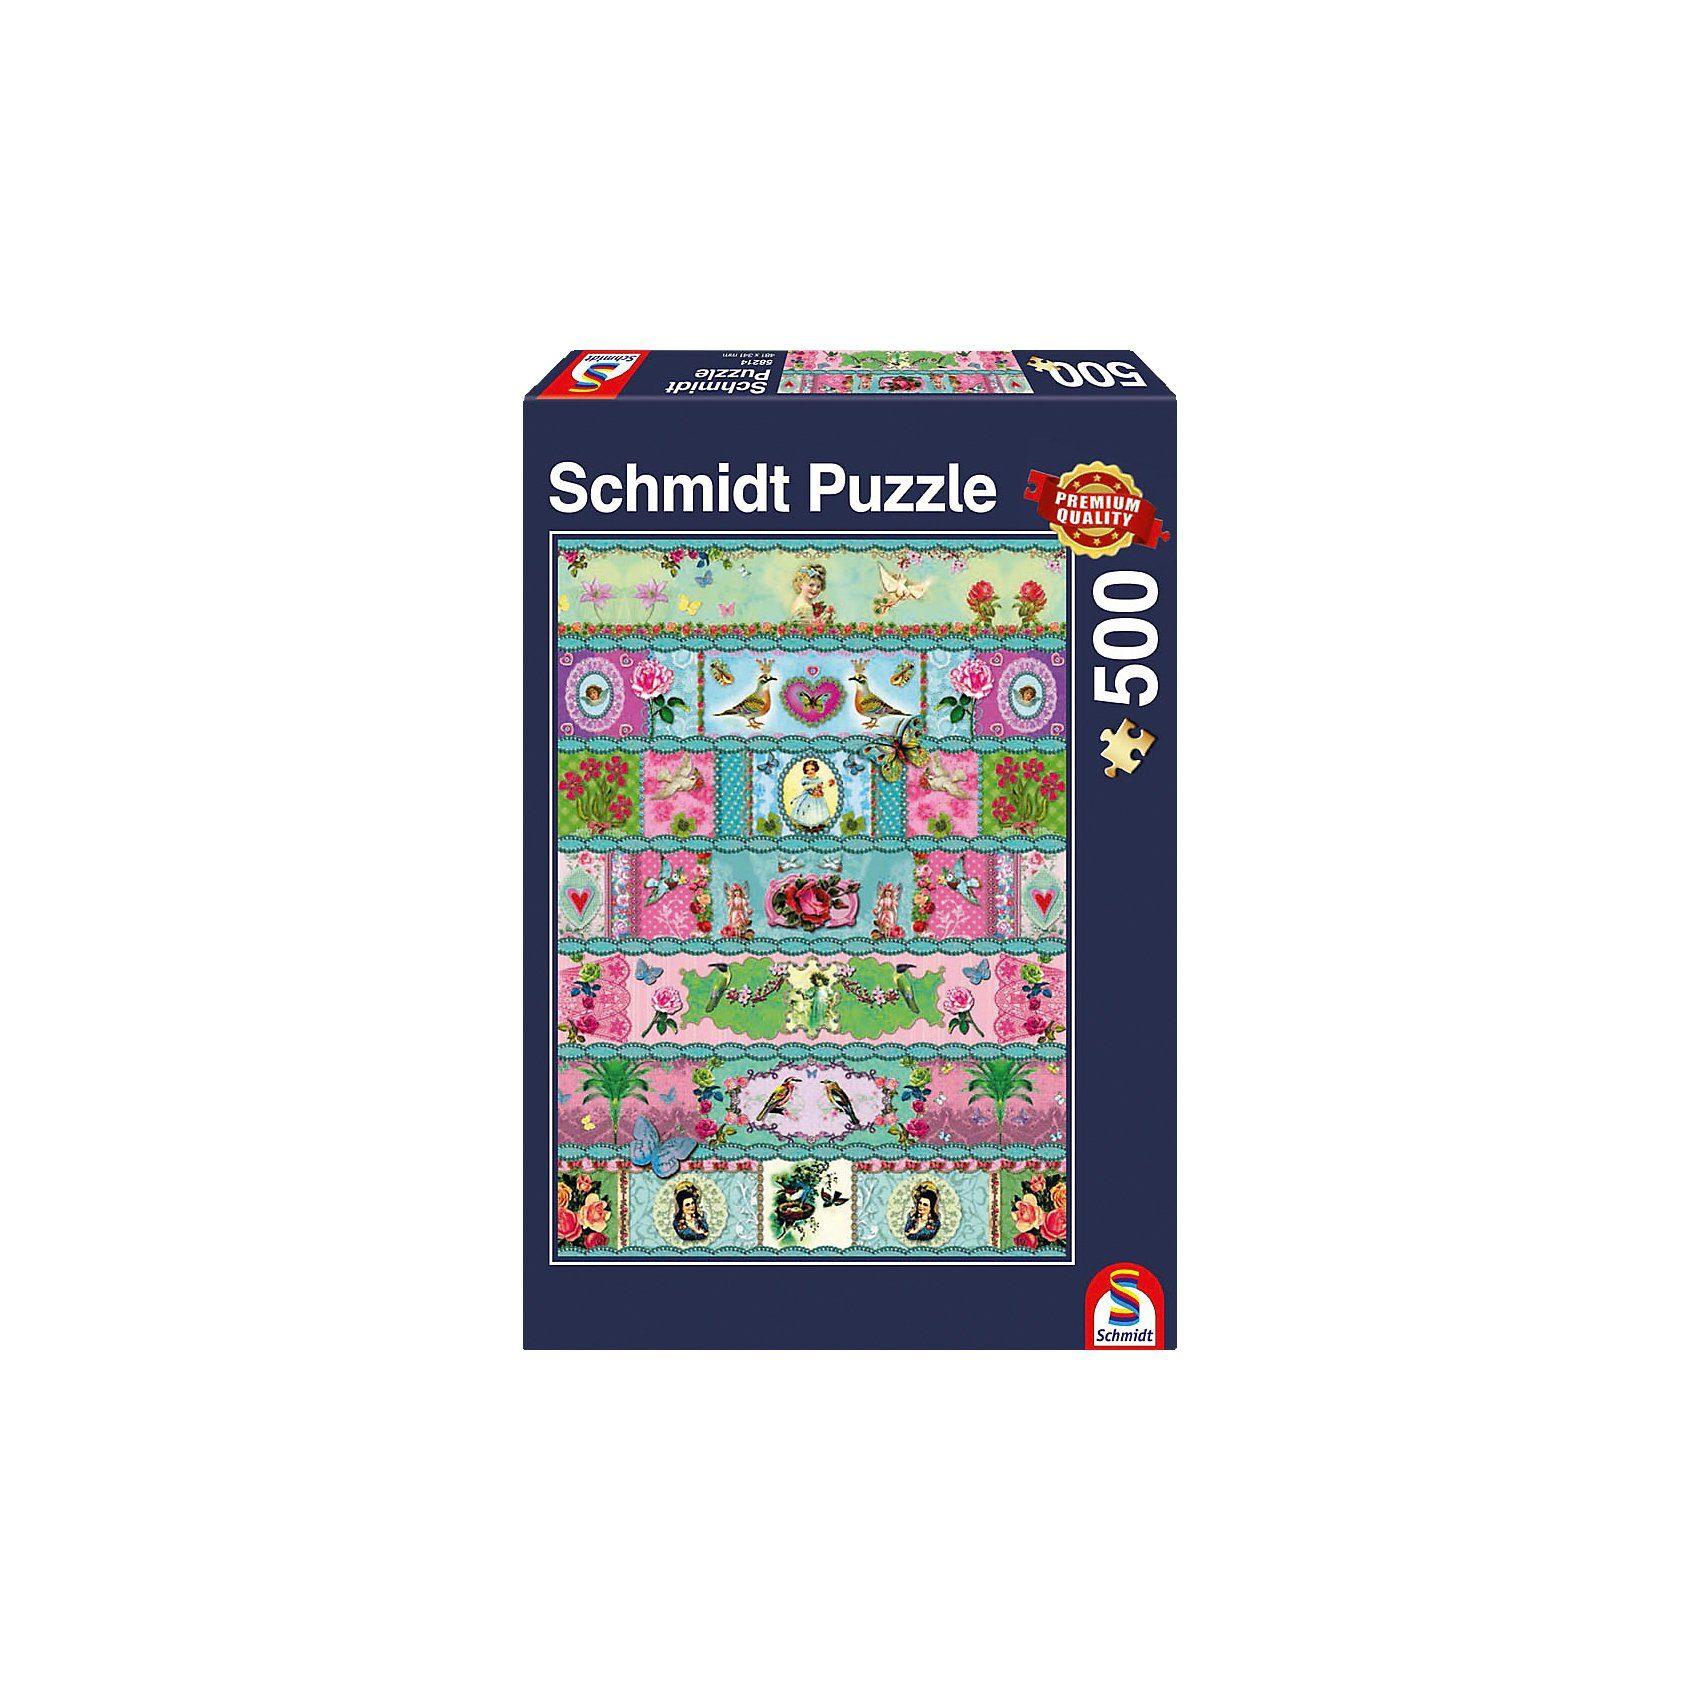 Schmidt Spiele Paradies-Banderolen Puzzle 500 Teile